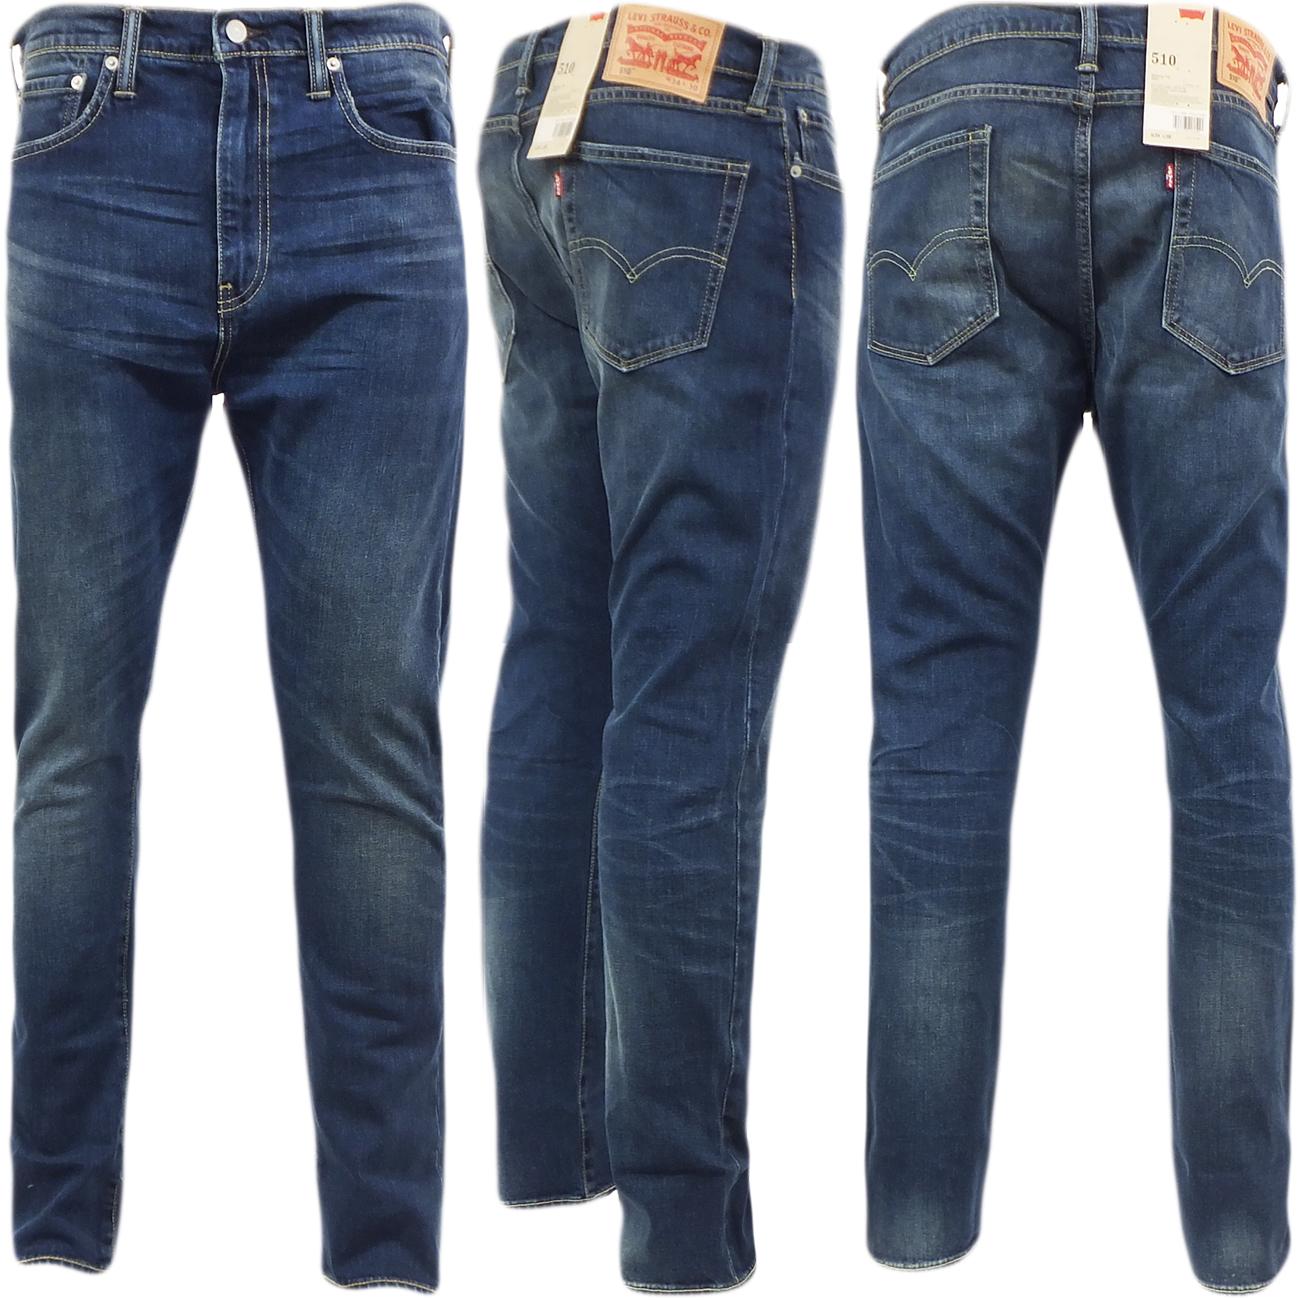 herren levi 510 skinny fit jeans slim anliegendem bein canyon blau 30 32 34 36 ebay. Black Bedroom Furniture Sets. Home Design Ideas